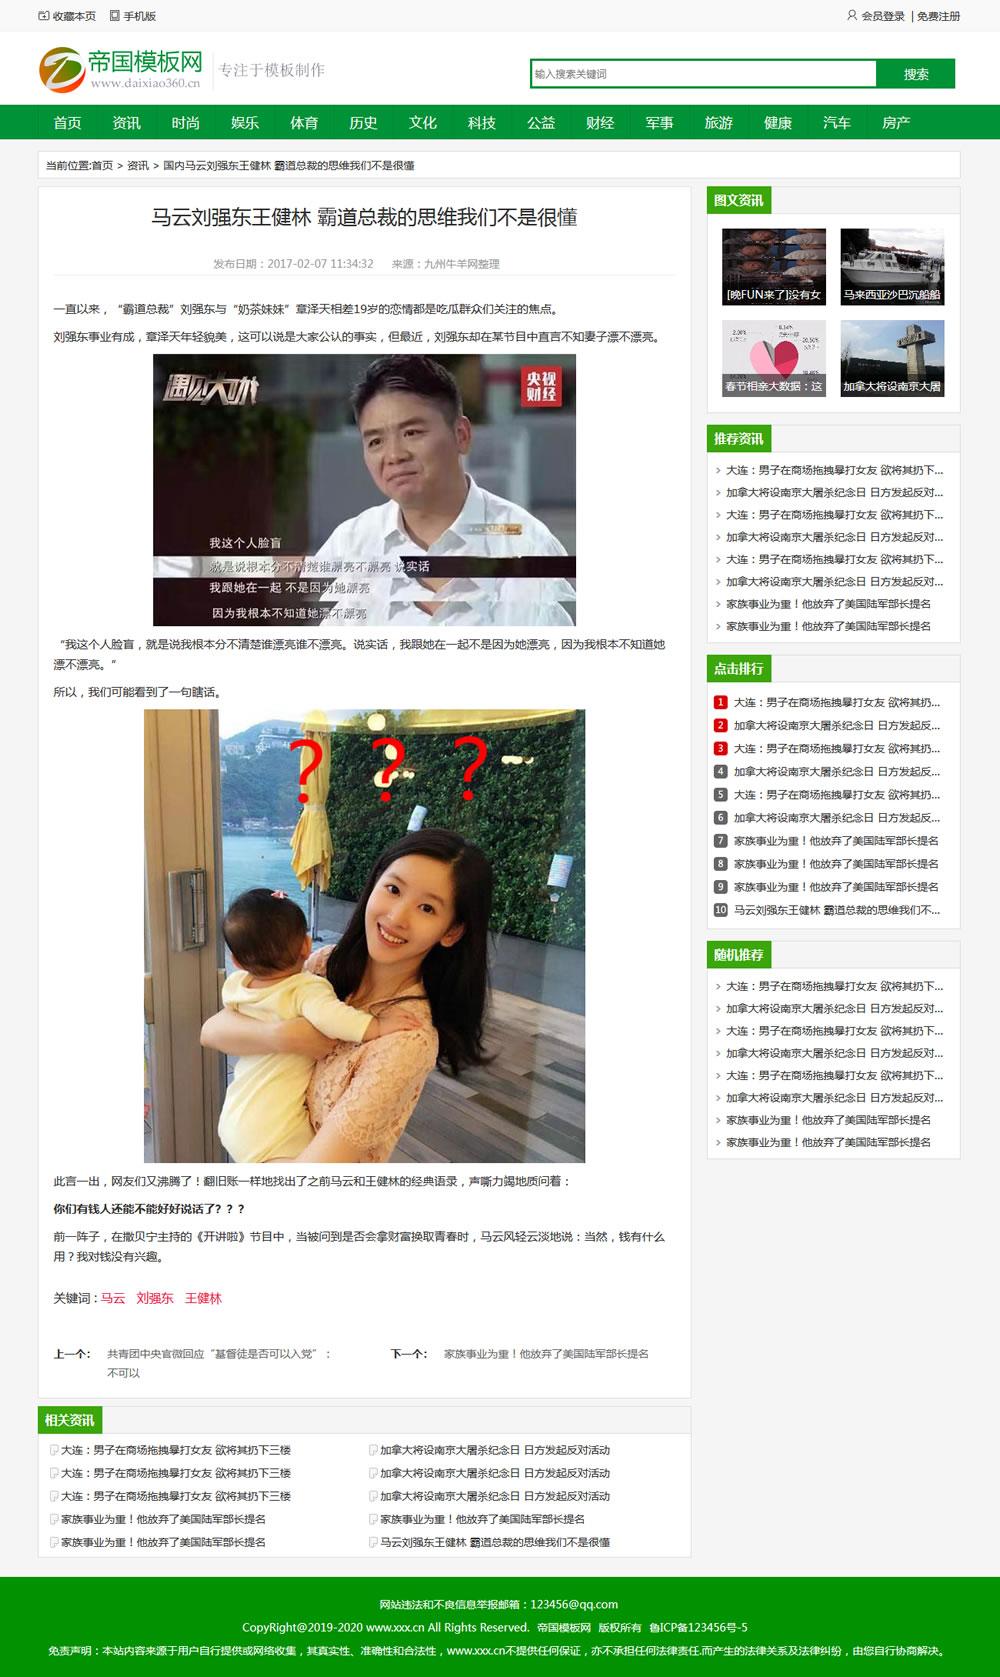 帝国cms绿色新闻文章门户网站模板加手机版加自适应会员模板可改颜色_内容页